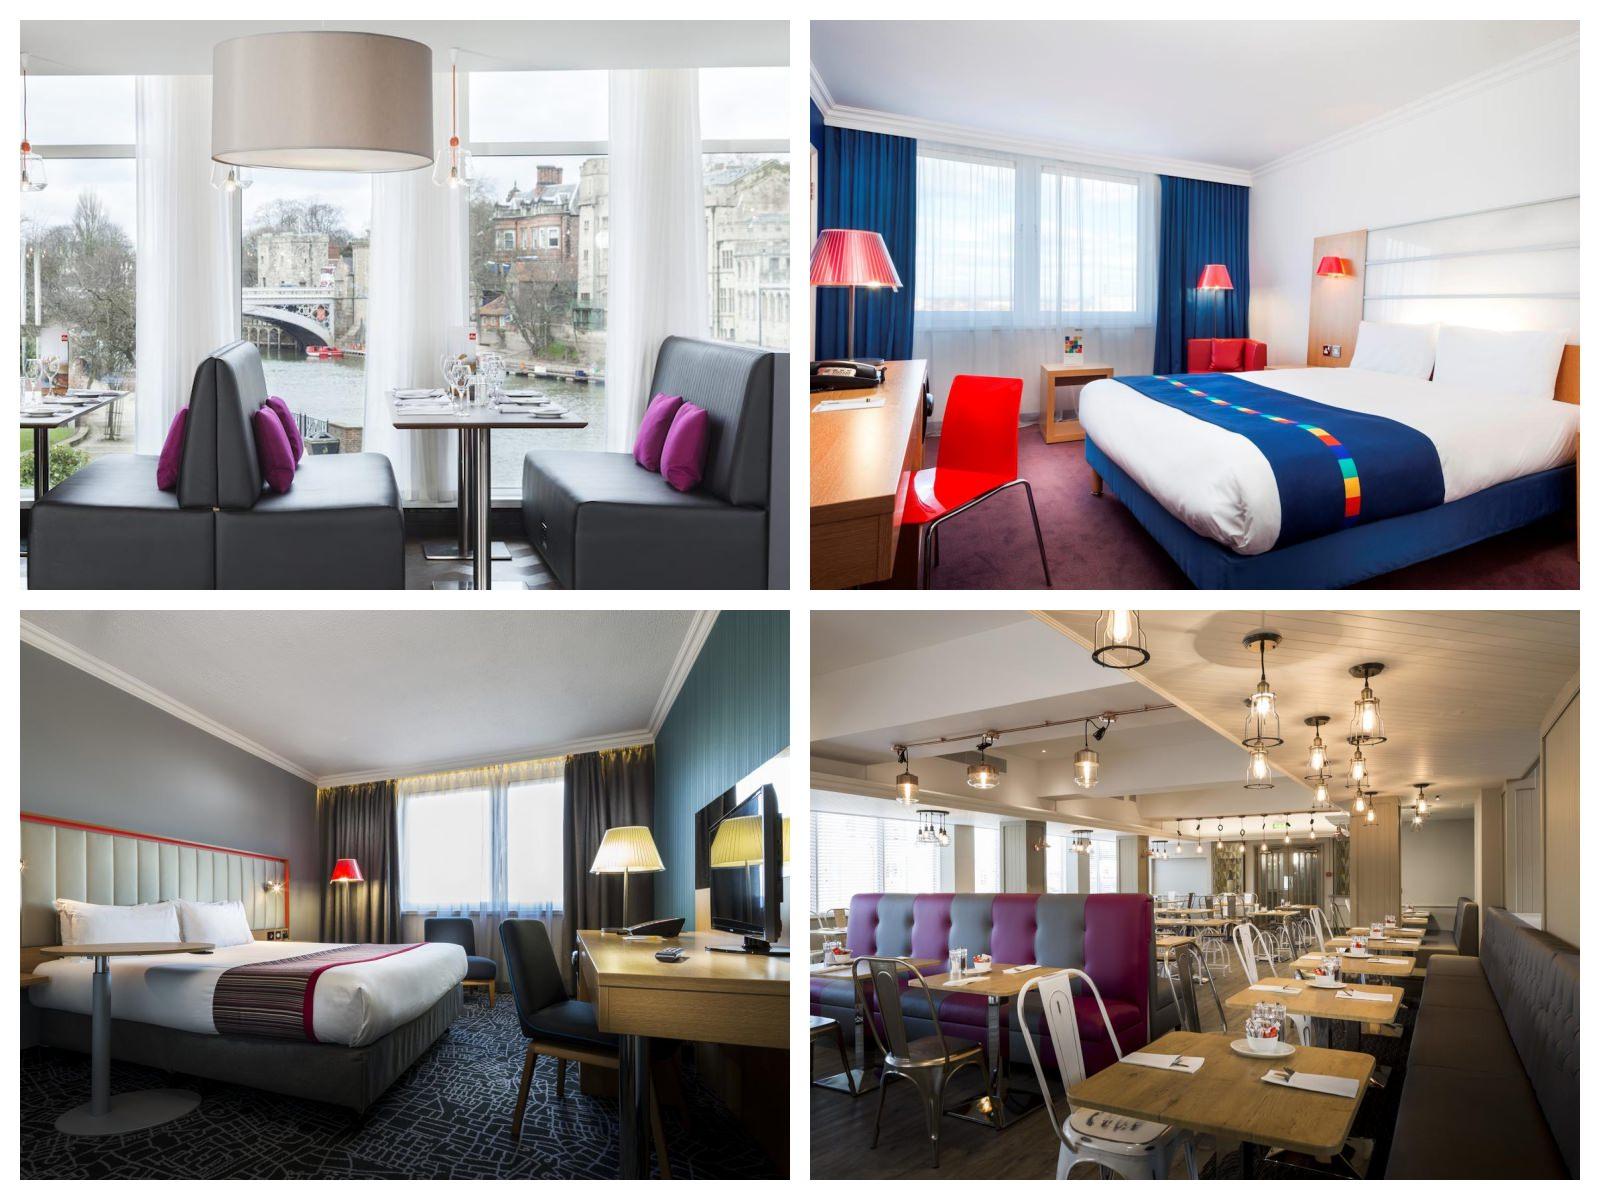 英國約克住宿推薦 約克住宿區域 精選約克飯店總整理